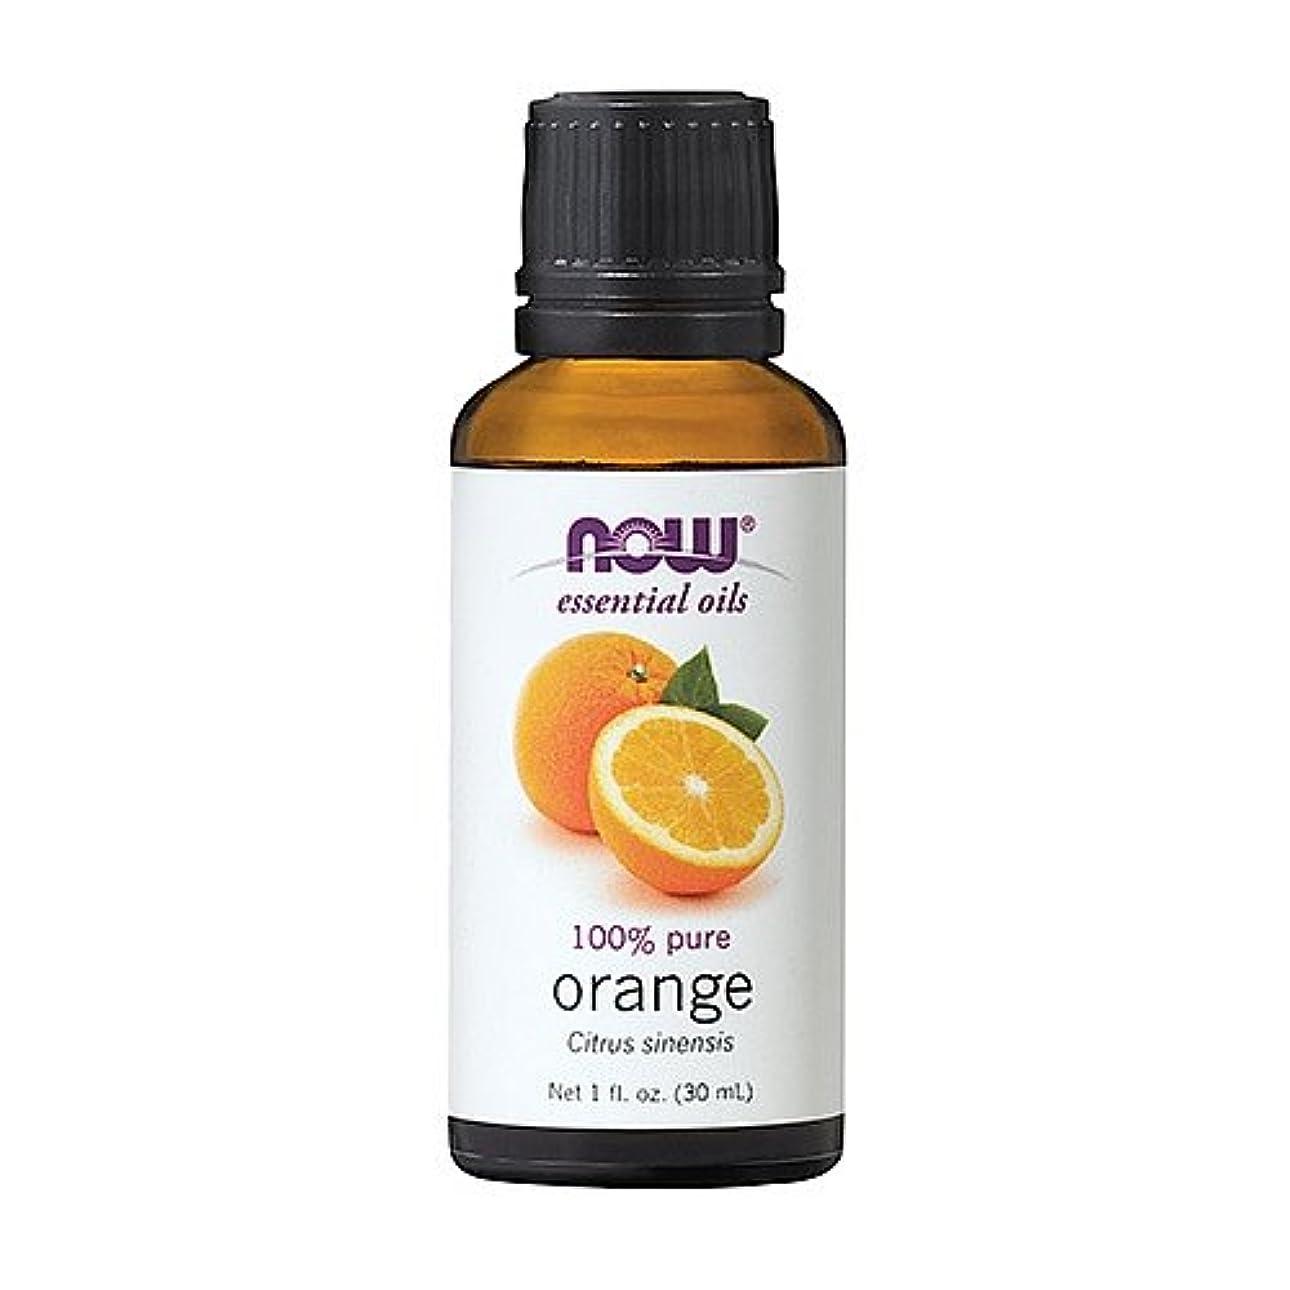 スペシャリスト電圧ギャラントリー100%ピュア オレンジ(オレンジスウィート) エッセンシャルオイル 30ml [海外直送品]